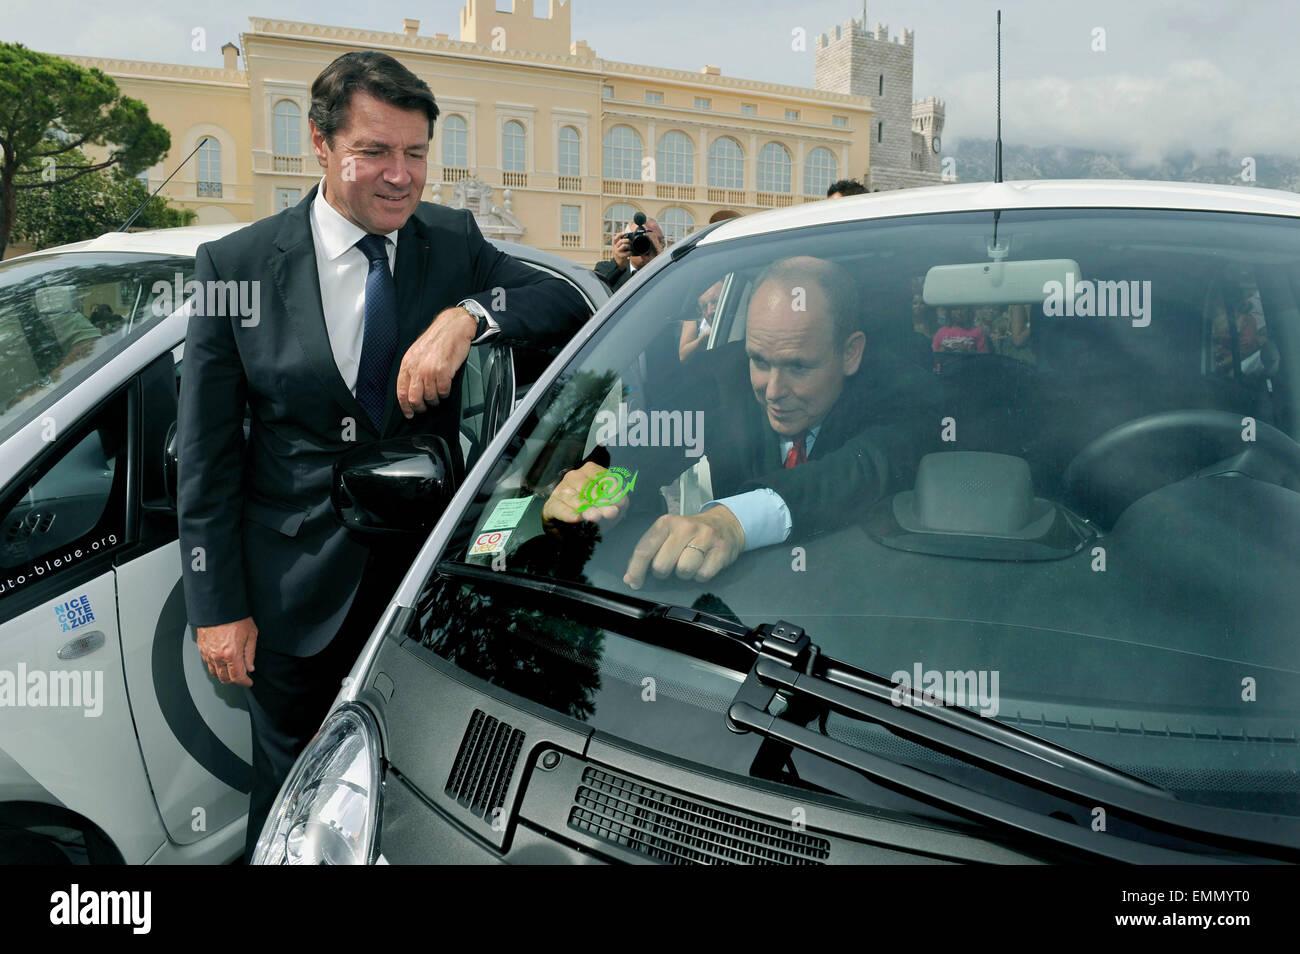 02.SEPTEMBER.2011. MONACO  PRINCE ALBERT II OF MONACO WITH CHRISTIAN ESTROSI, THE FRENCH DEPUTY MAYOR OF NICE, LAUNCH Stock Photo